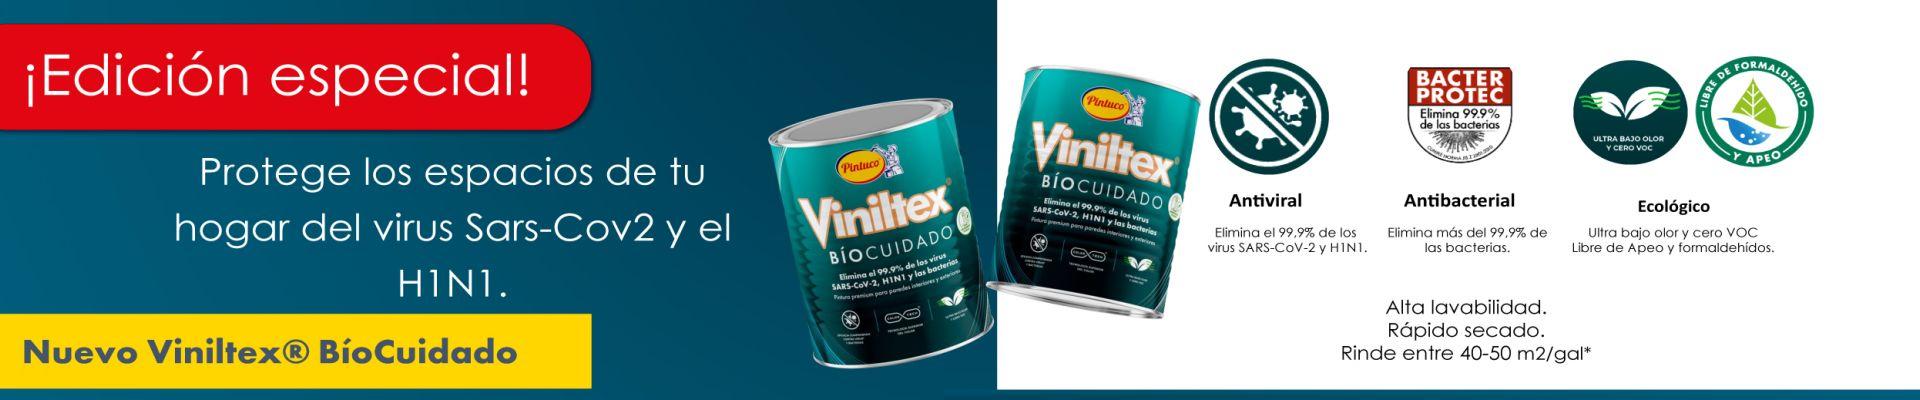 Pintura Viniltex Biocuidado